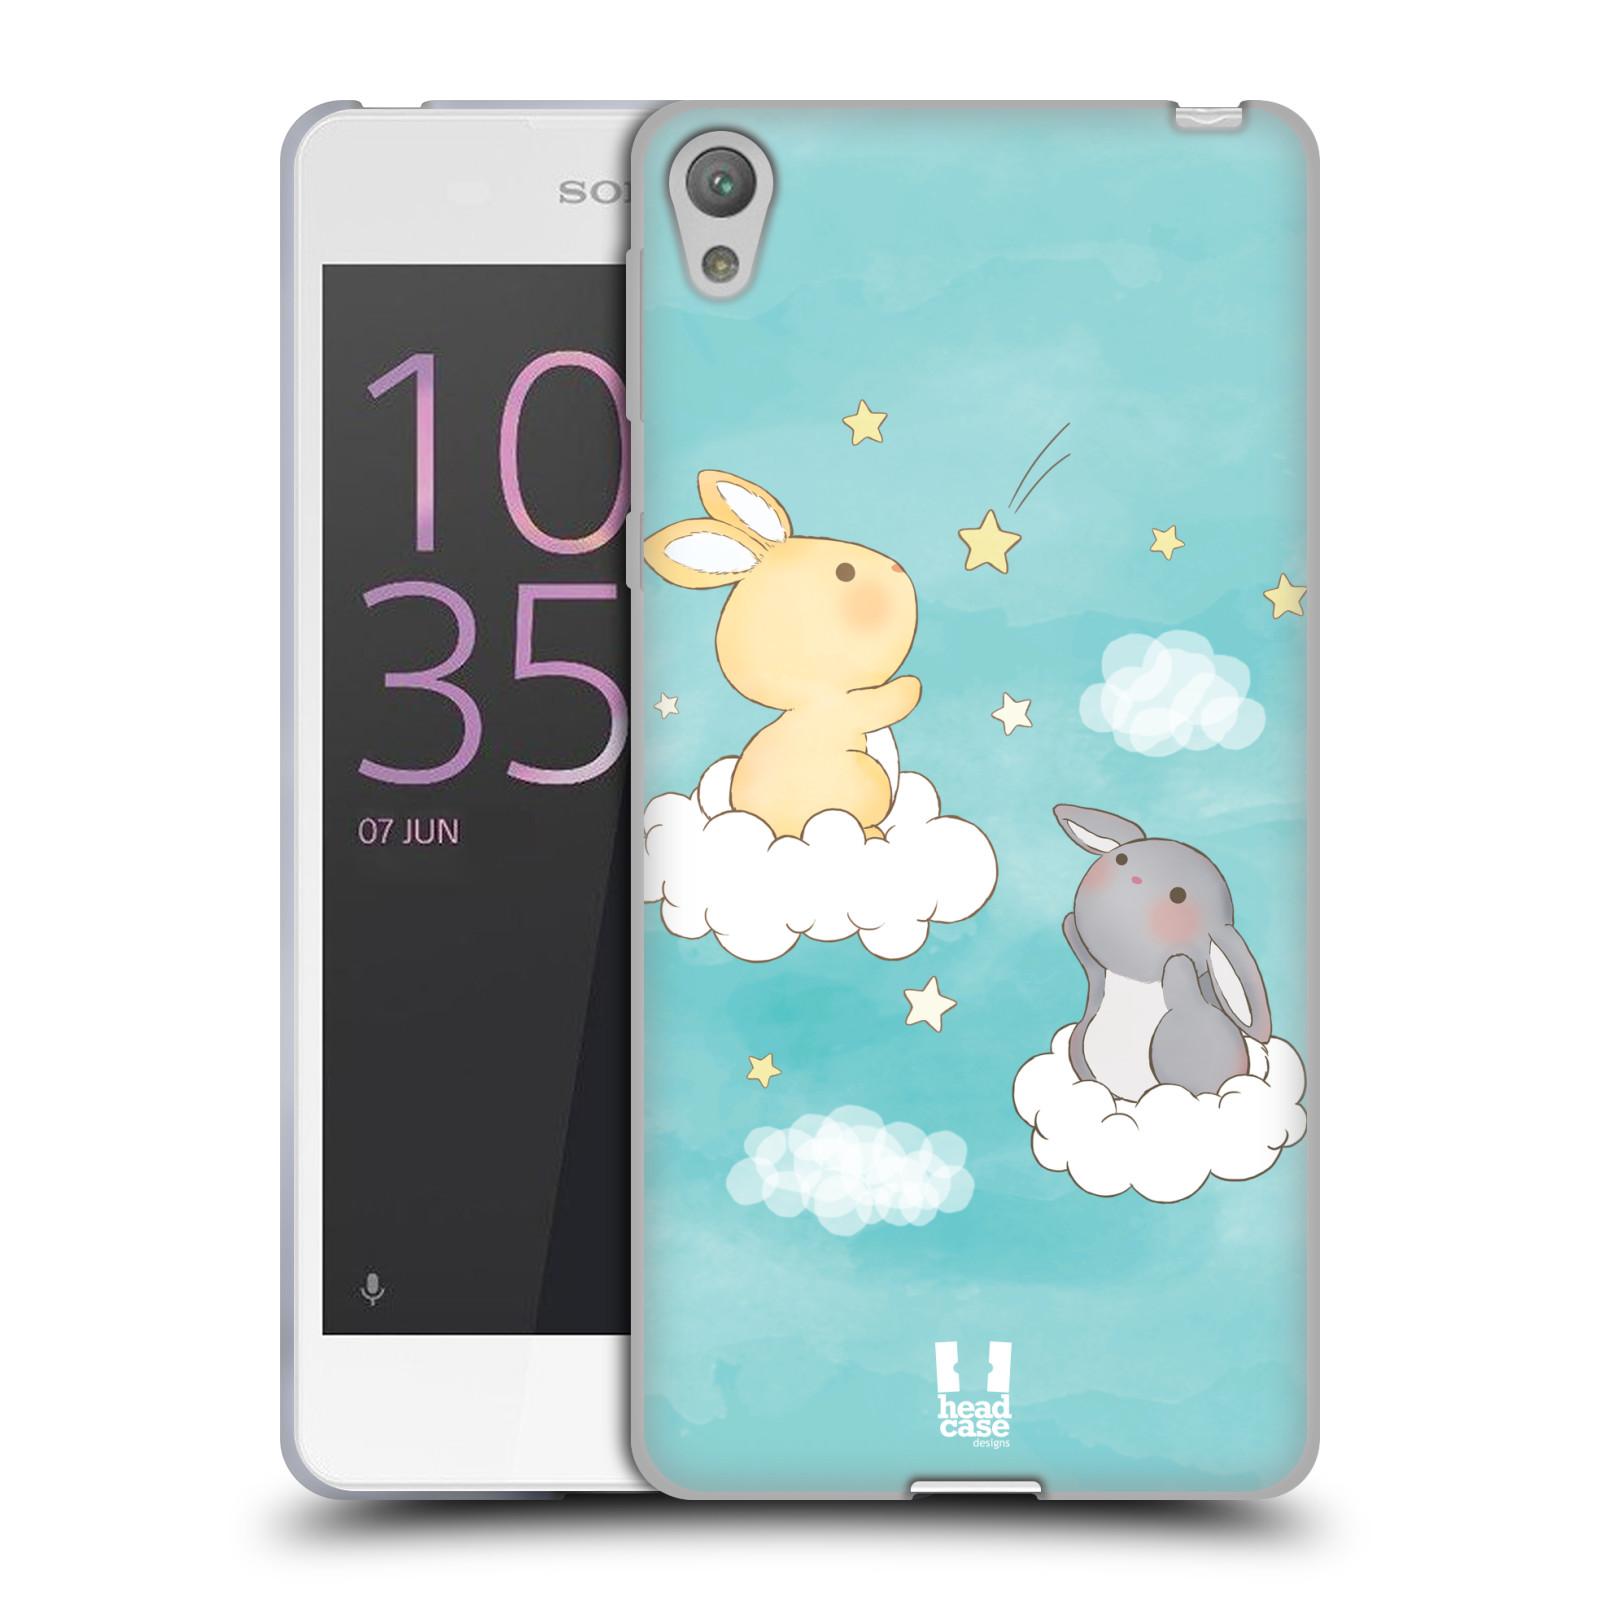 HEAD CASE silikonový obal na mobil SONY XPERIA E5 vzor králíček a hvězdy modrá